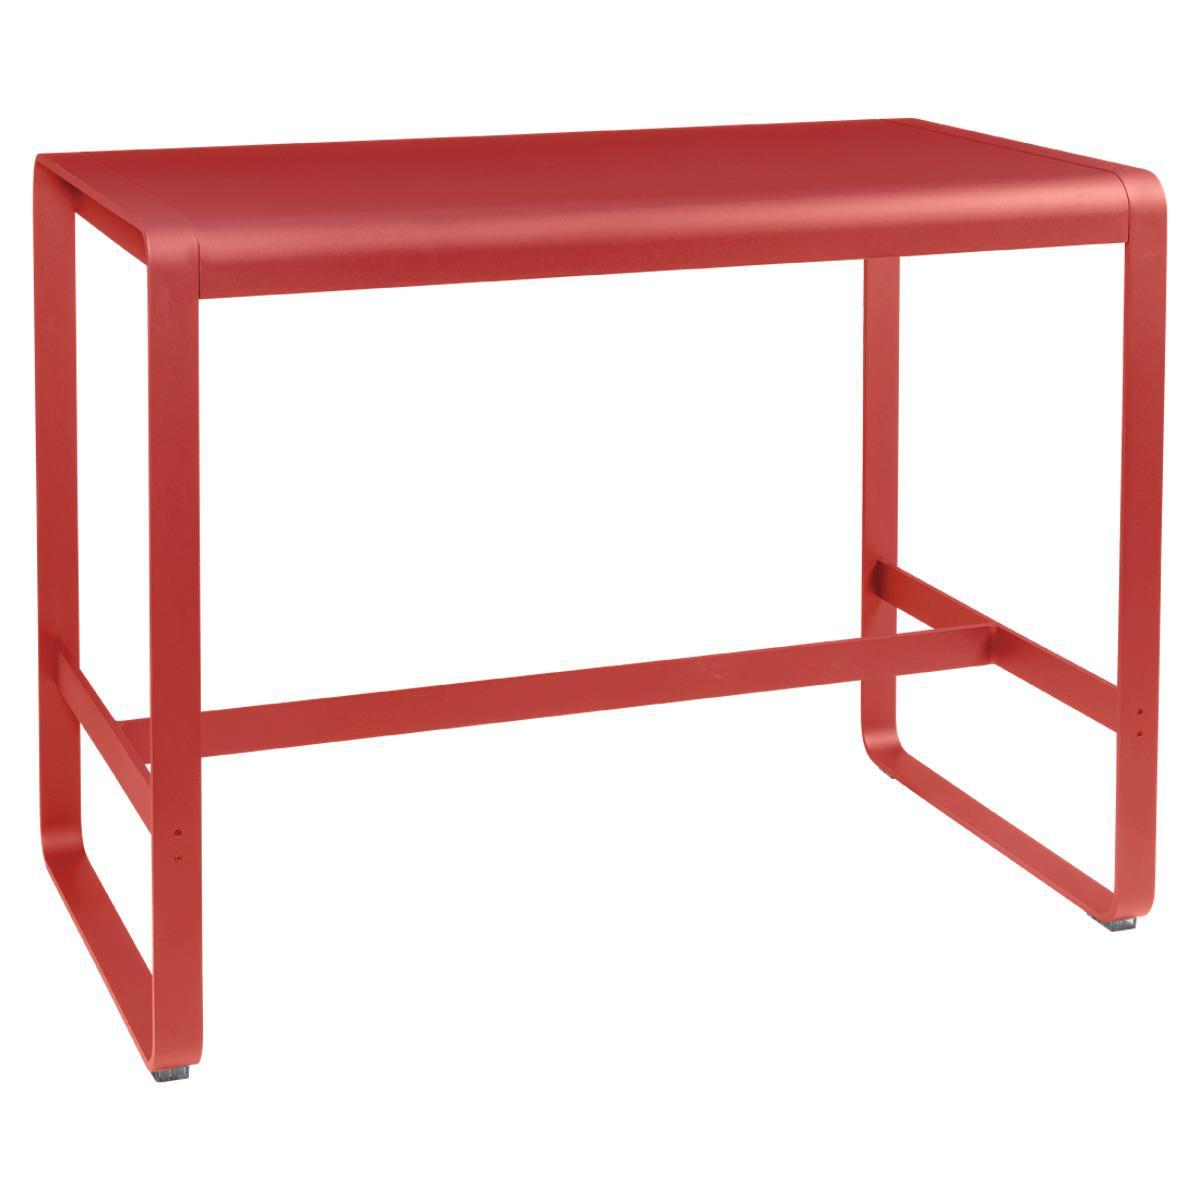 Table haute 80x140cm BELLEVIE Fermob capucine